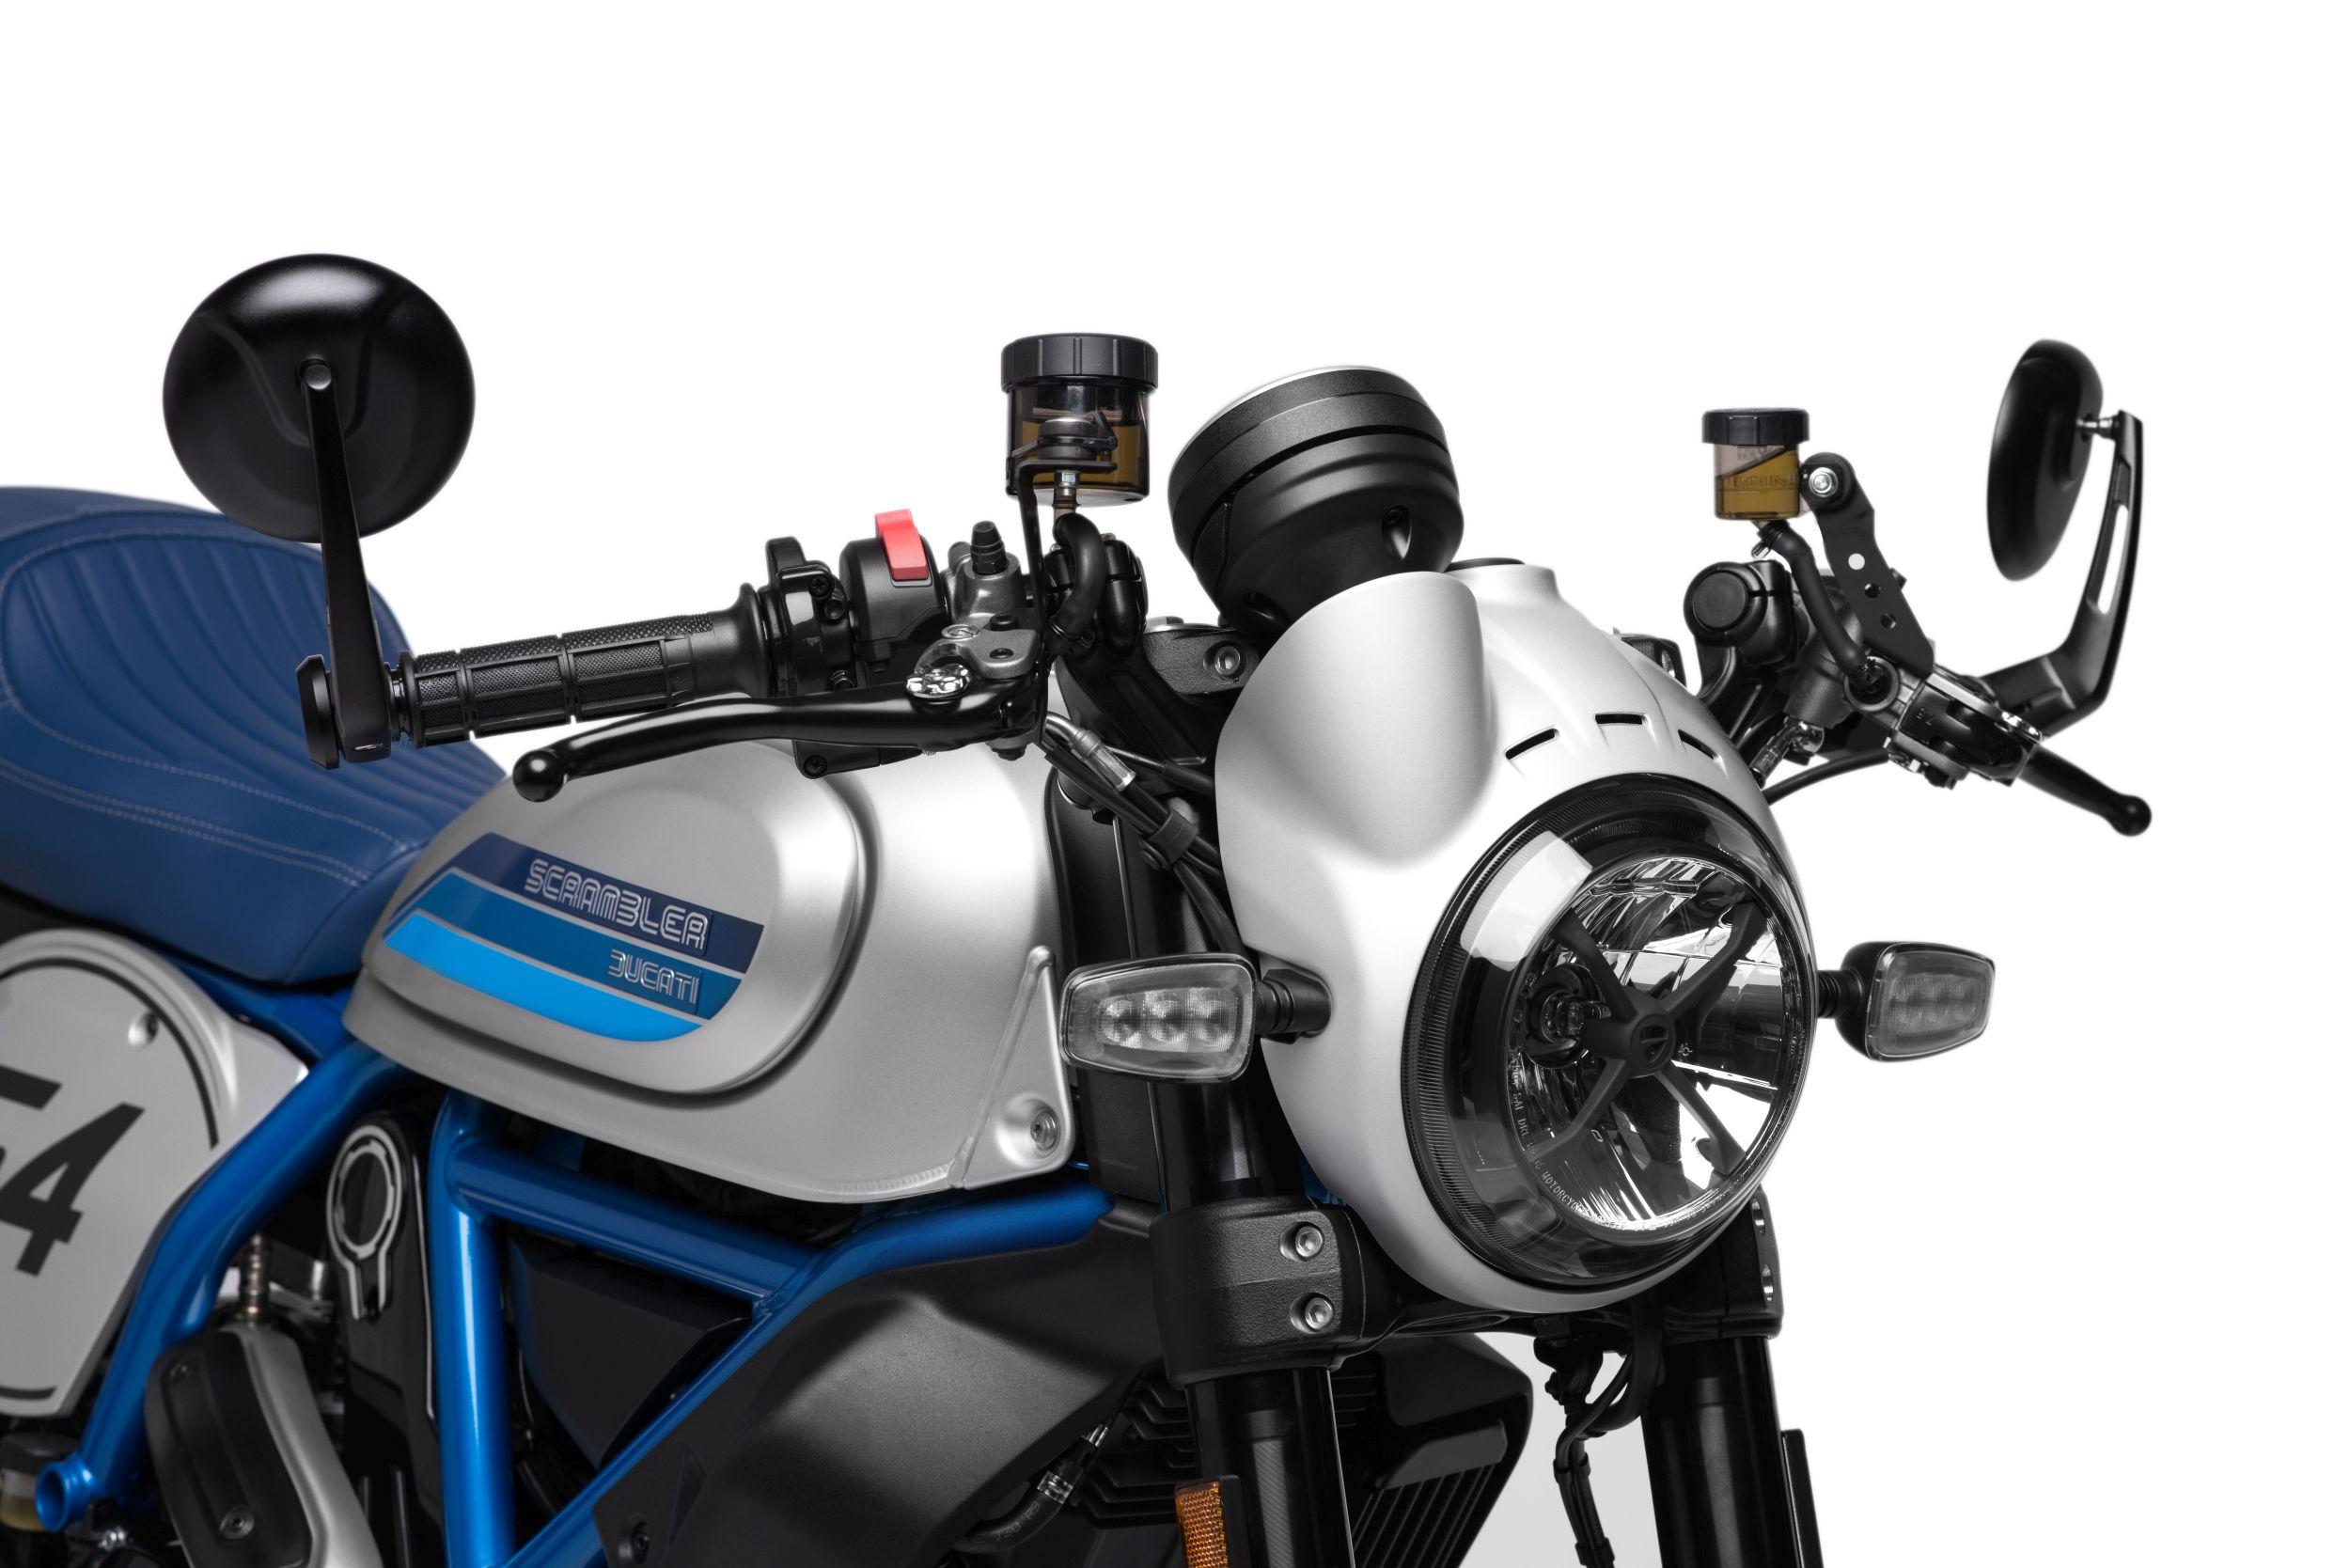 gebrauchte und neue ducati scrambler cafe racer motorr der. Black Bedroom Furniture Sets. Home Design Ideas